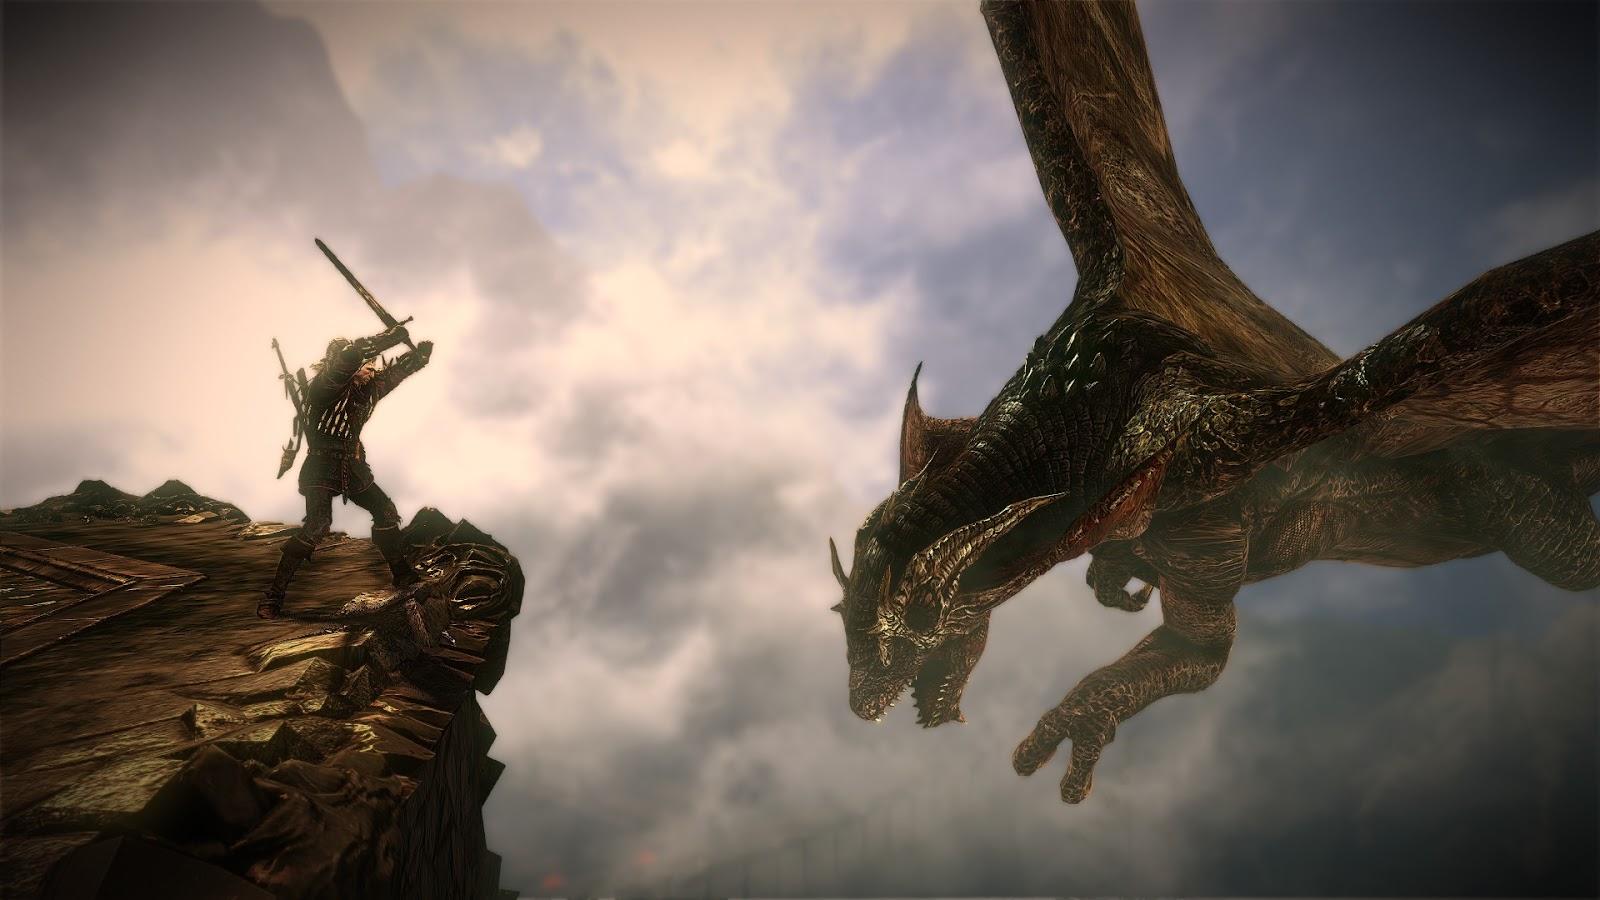 aliens versus predator 2 игра скачать торрент